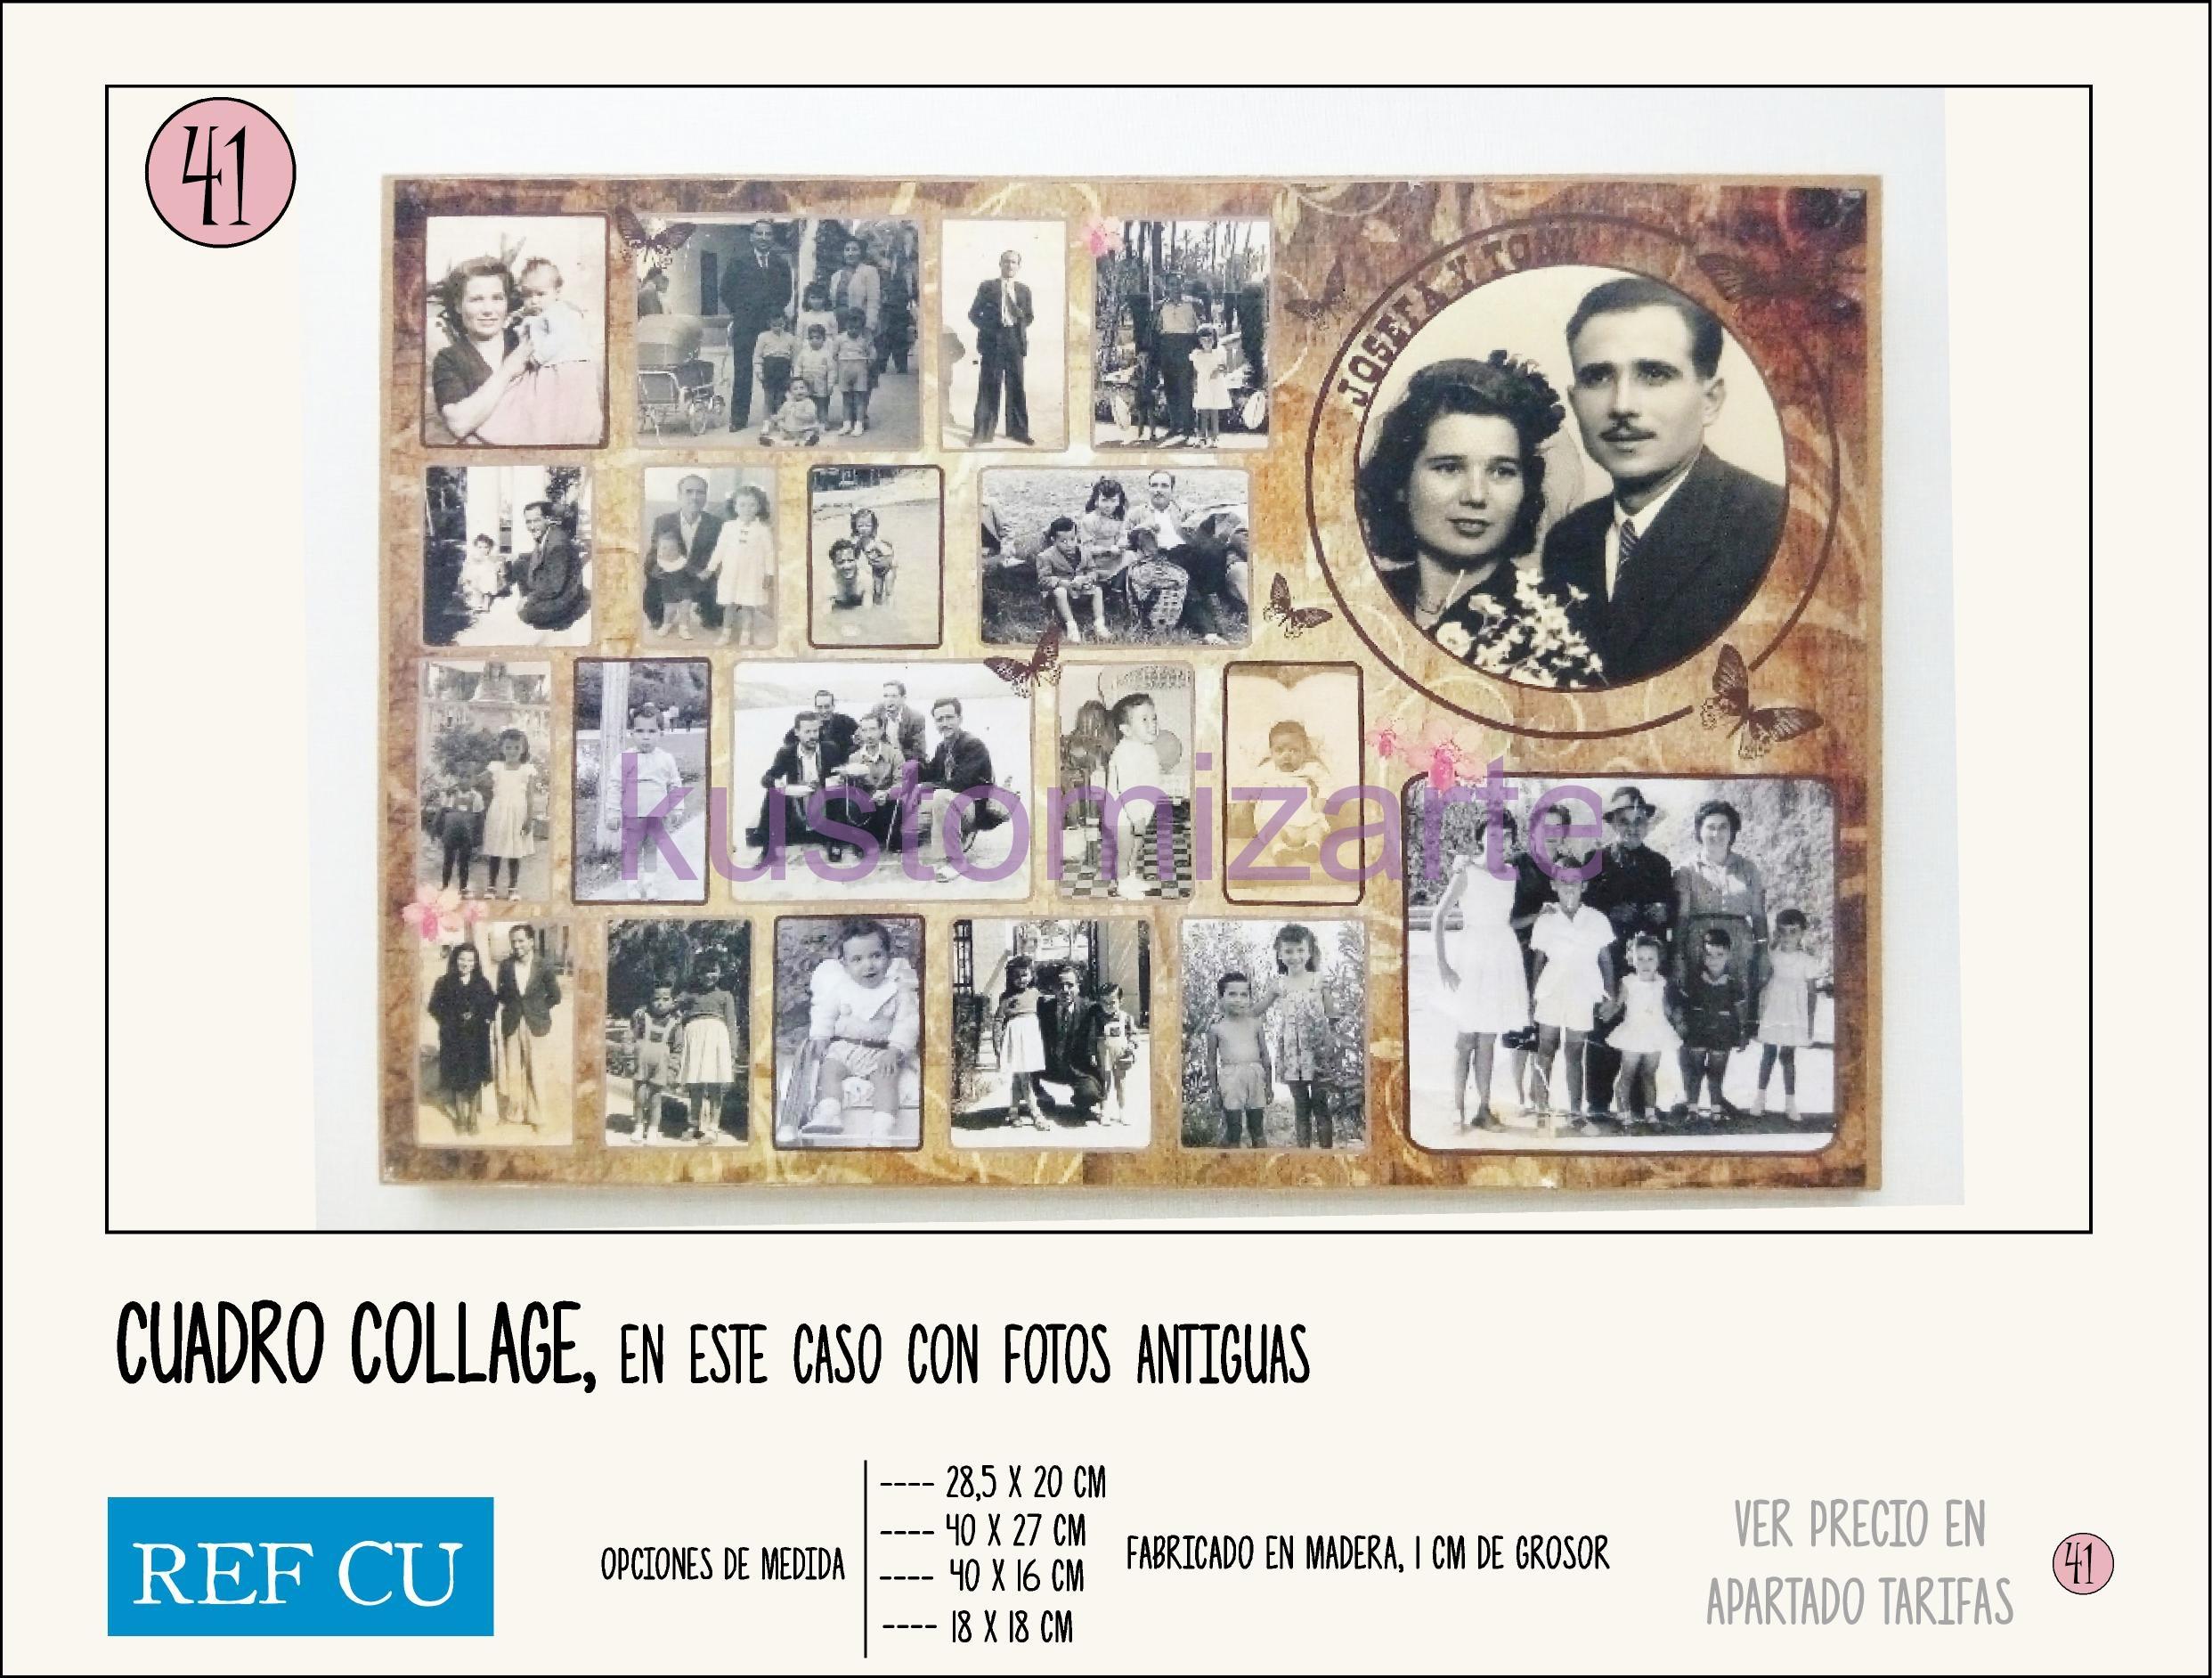 Cuadro collage fotos perfect de acuerdo a la siguiente for Collage de cuadros